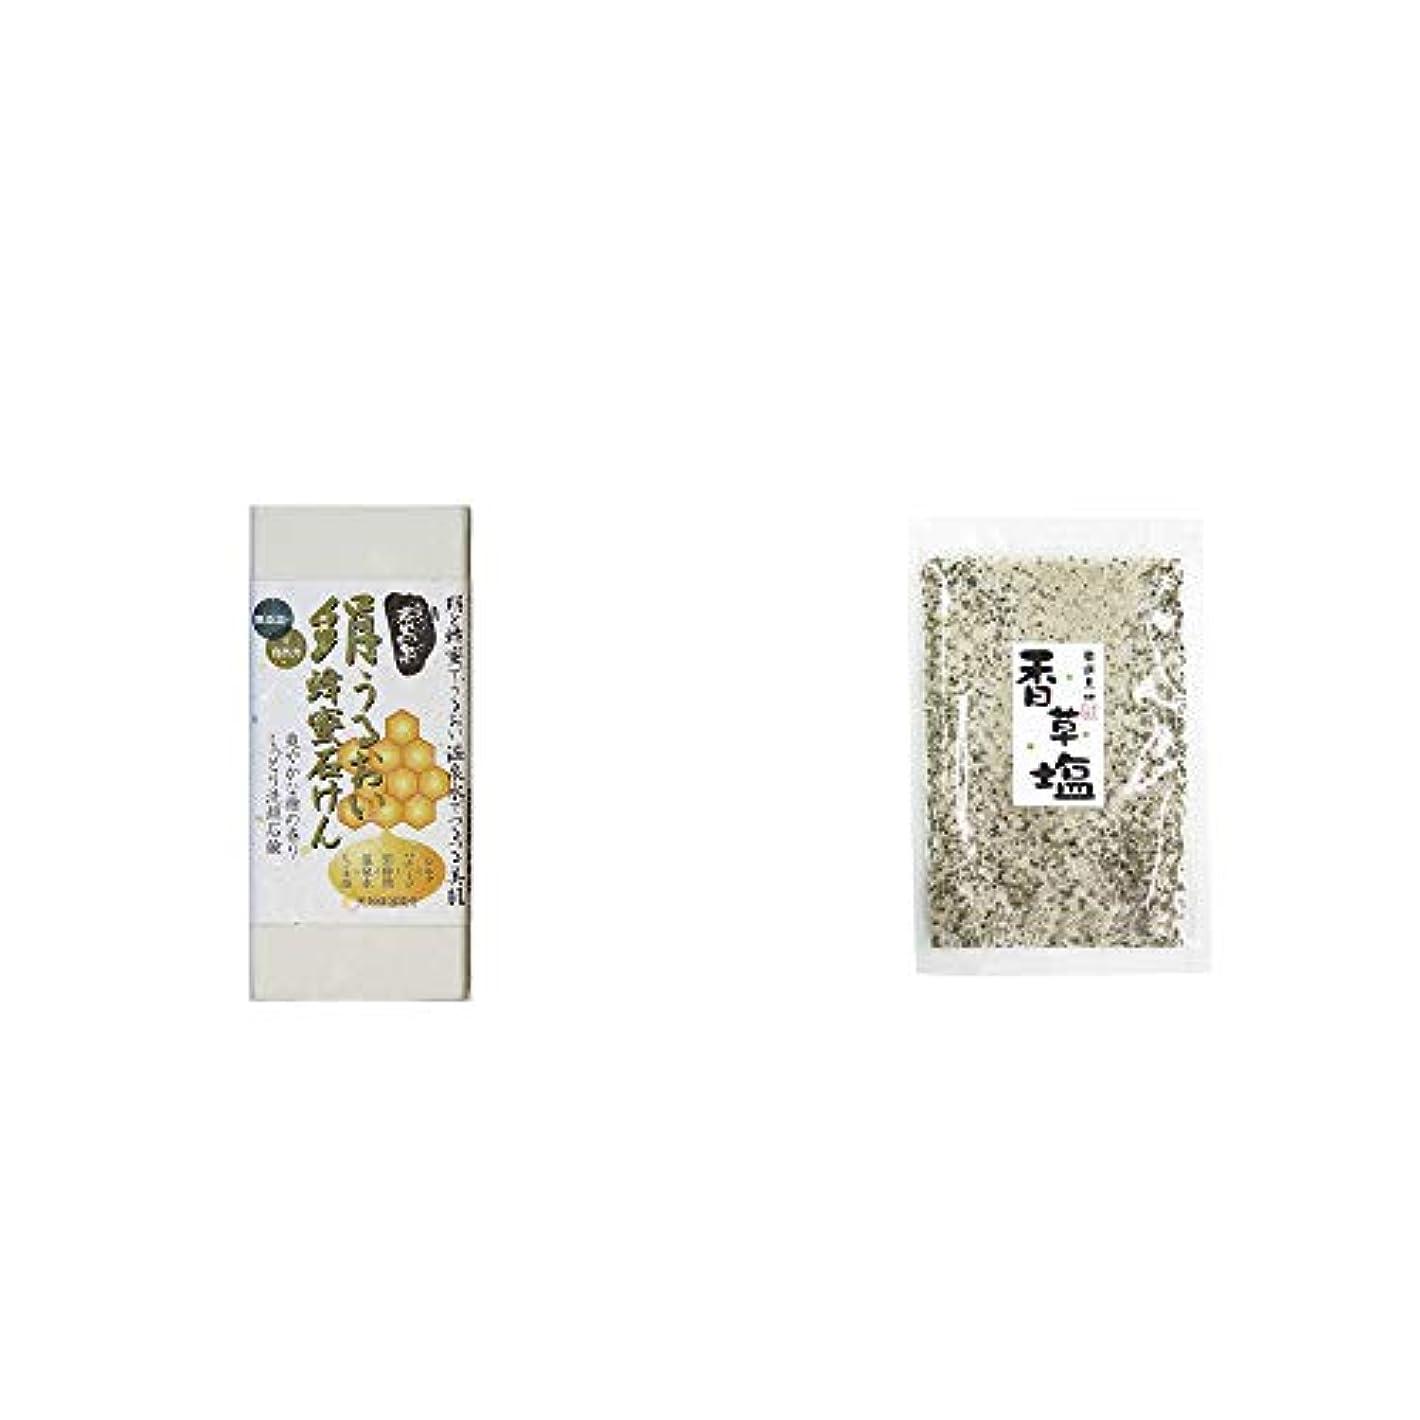 率直なヒントコース[2点セット] ひのき炭黒泉 絹うるおい蜂蜜石けん(75g×2)?香草塩 [袋タイプ](100g)